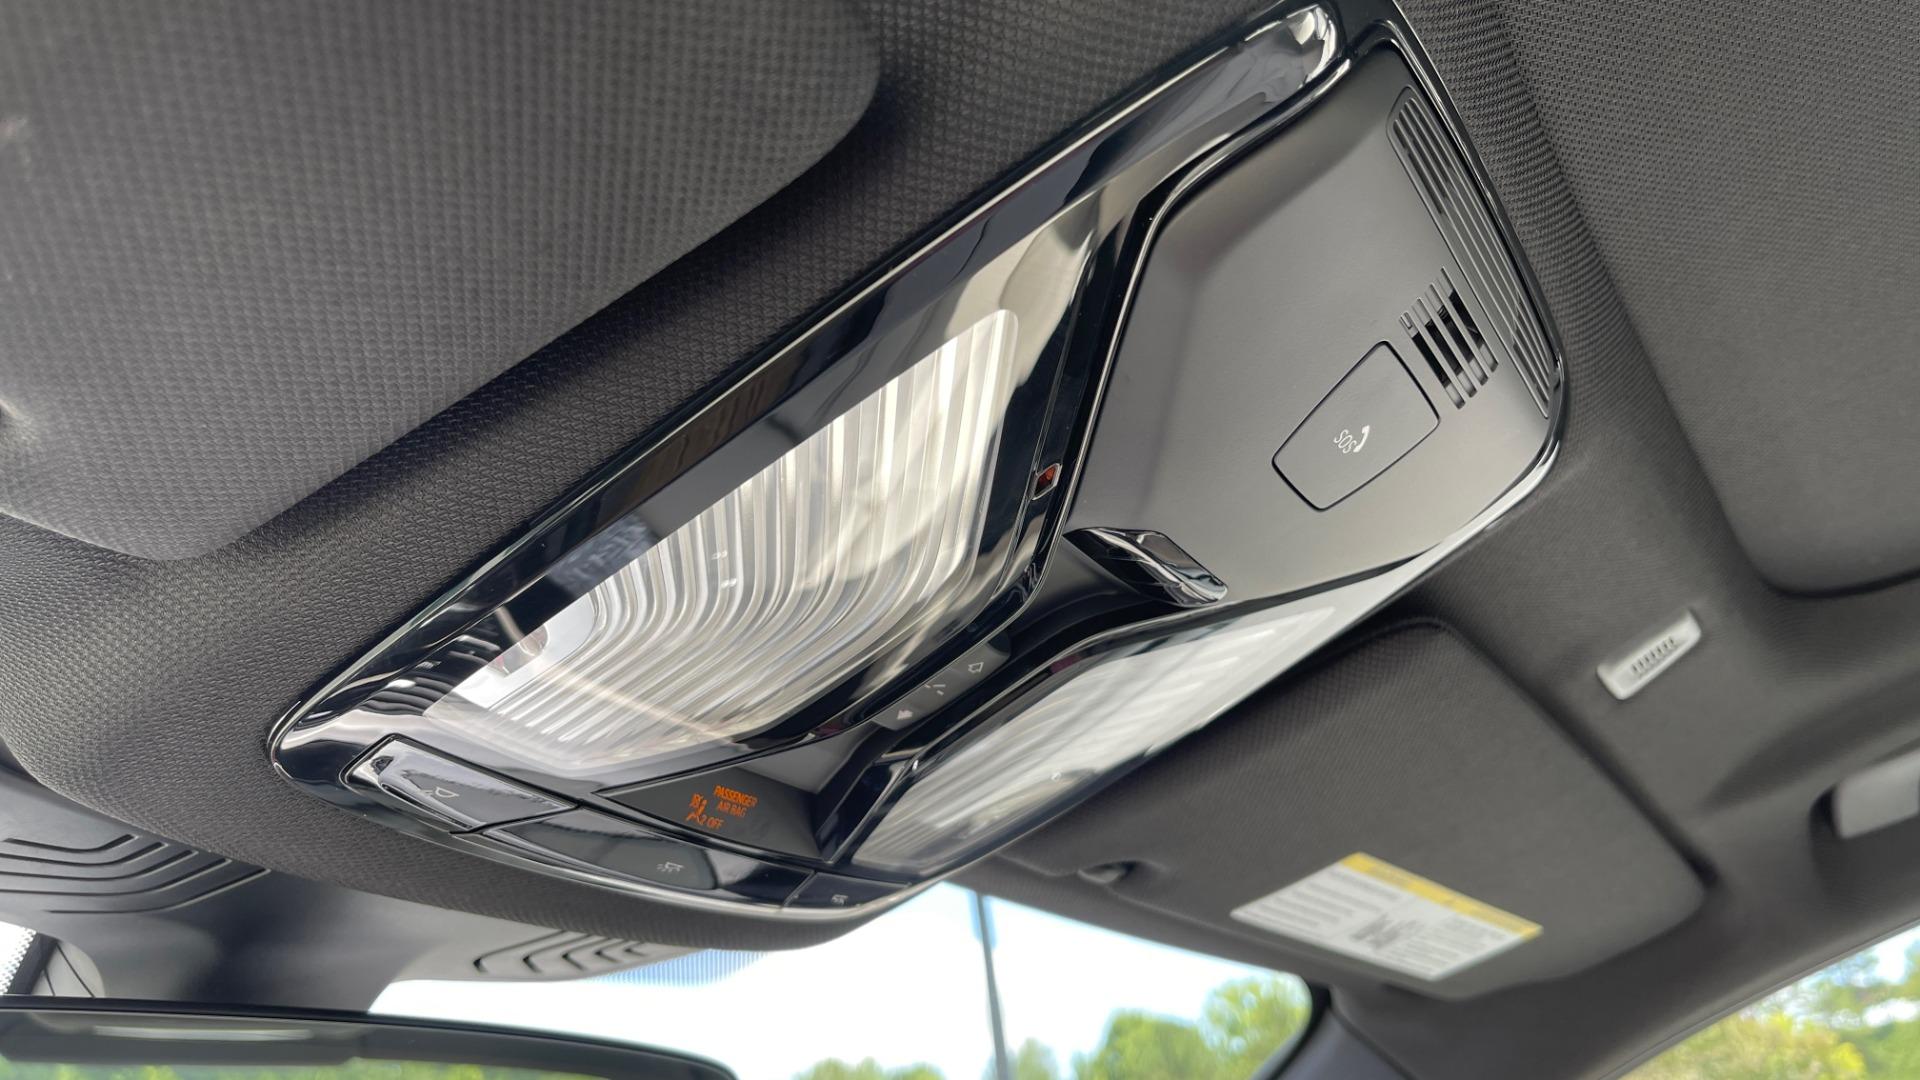 Used 2018 BMW 5 SERIES 540I M-SPORT / EXECUTIVE PKG / DRVR ASST PKG / BLIND SPOT / LANE DEPART for sale $40,995 at Formula Imports in Charlotte NC 28227 47